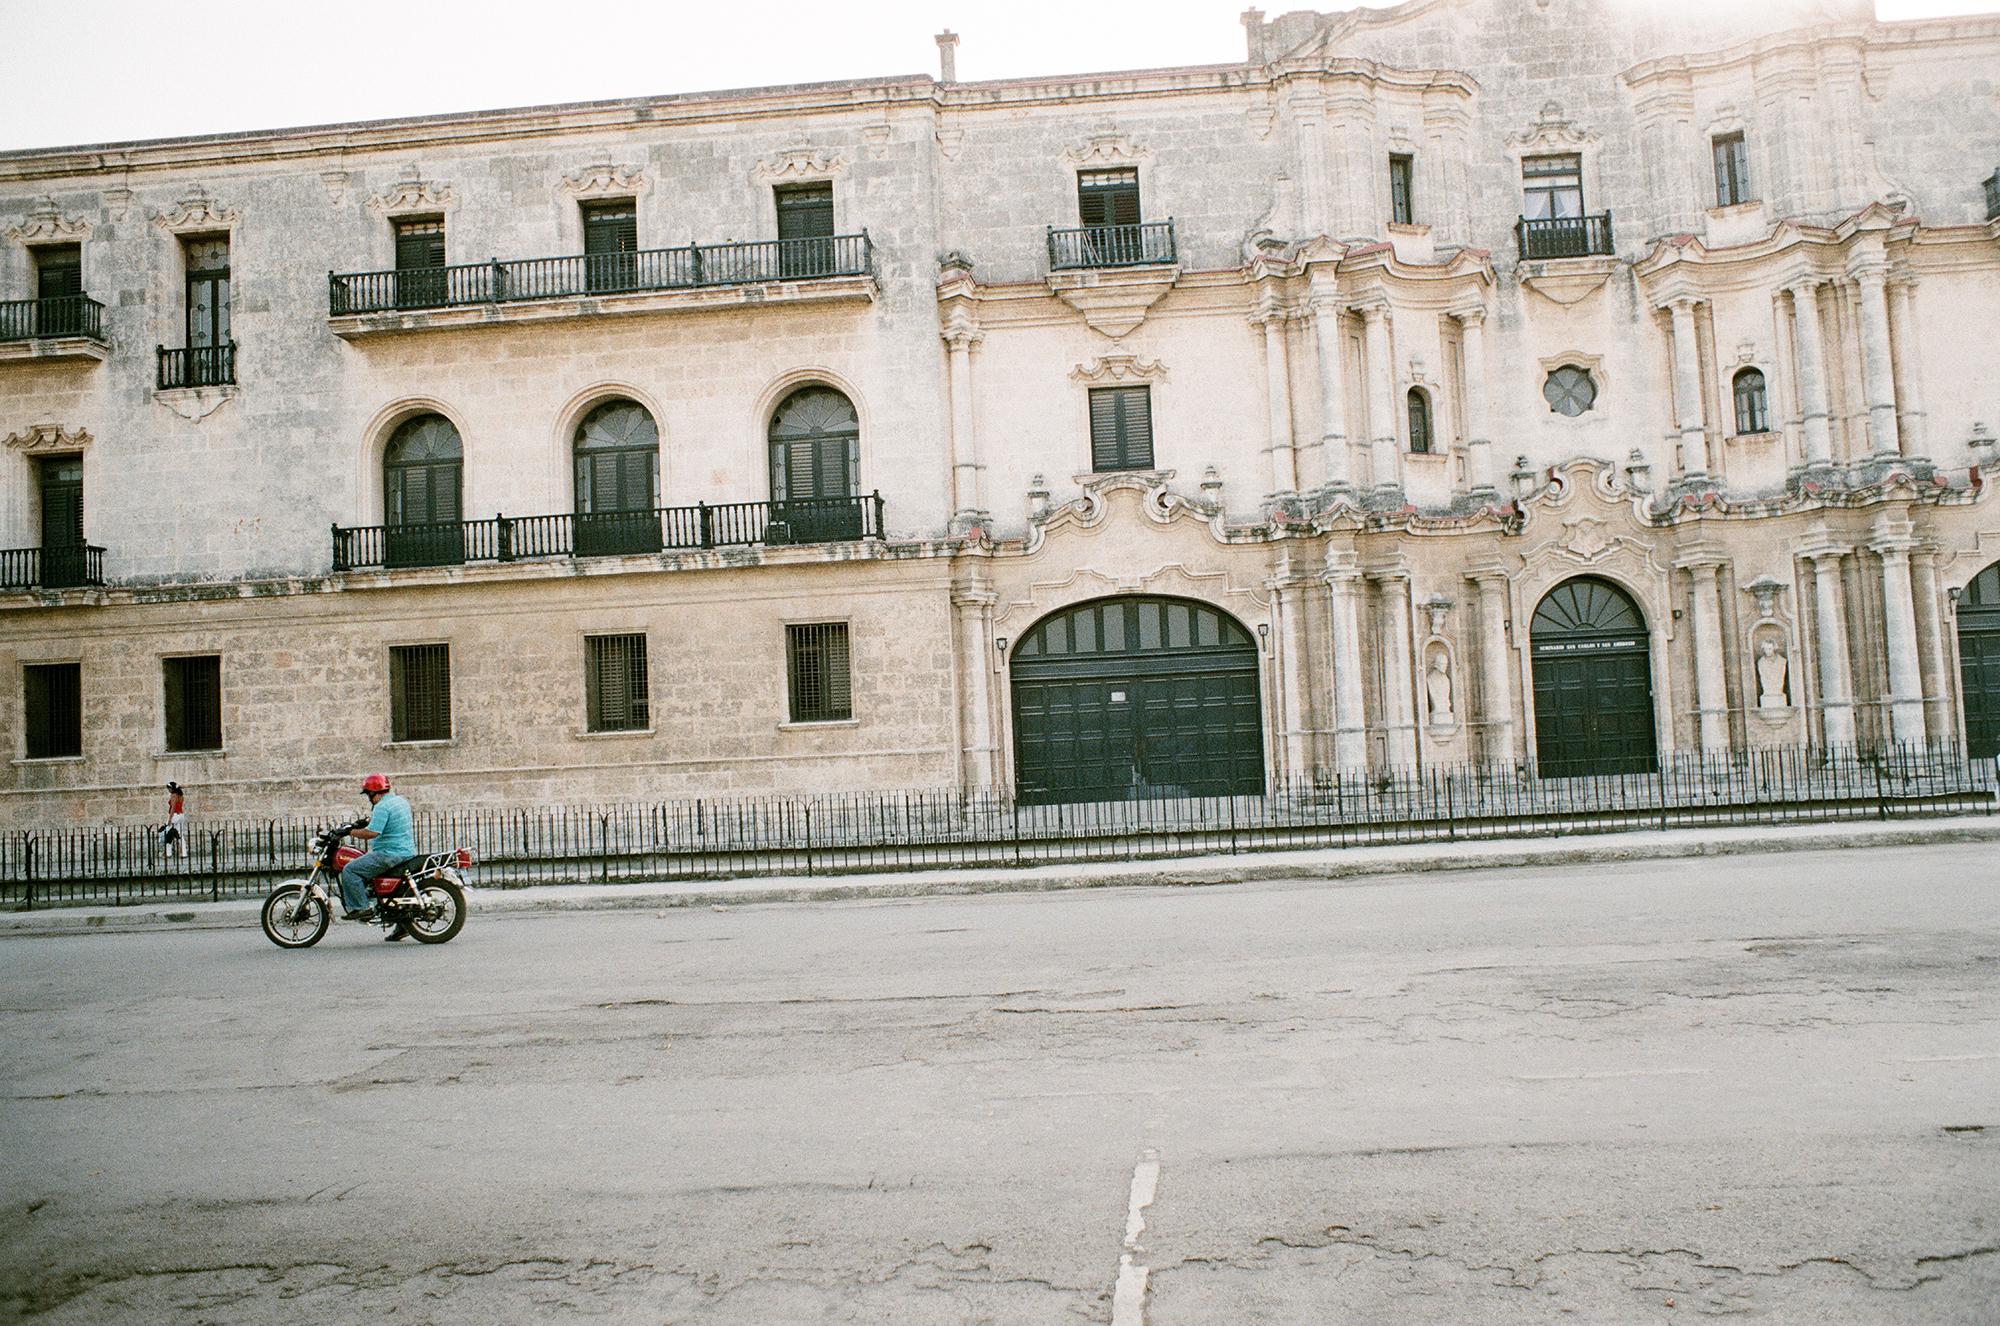 havanabiker.jpg